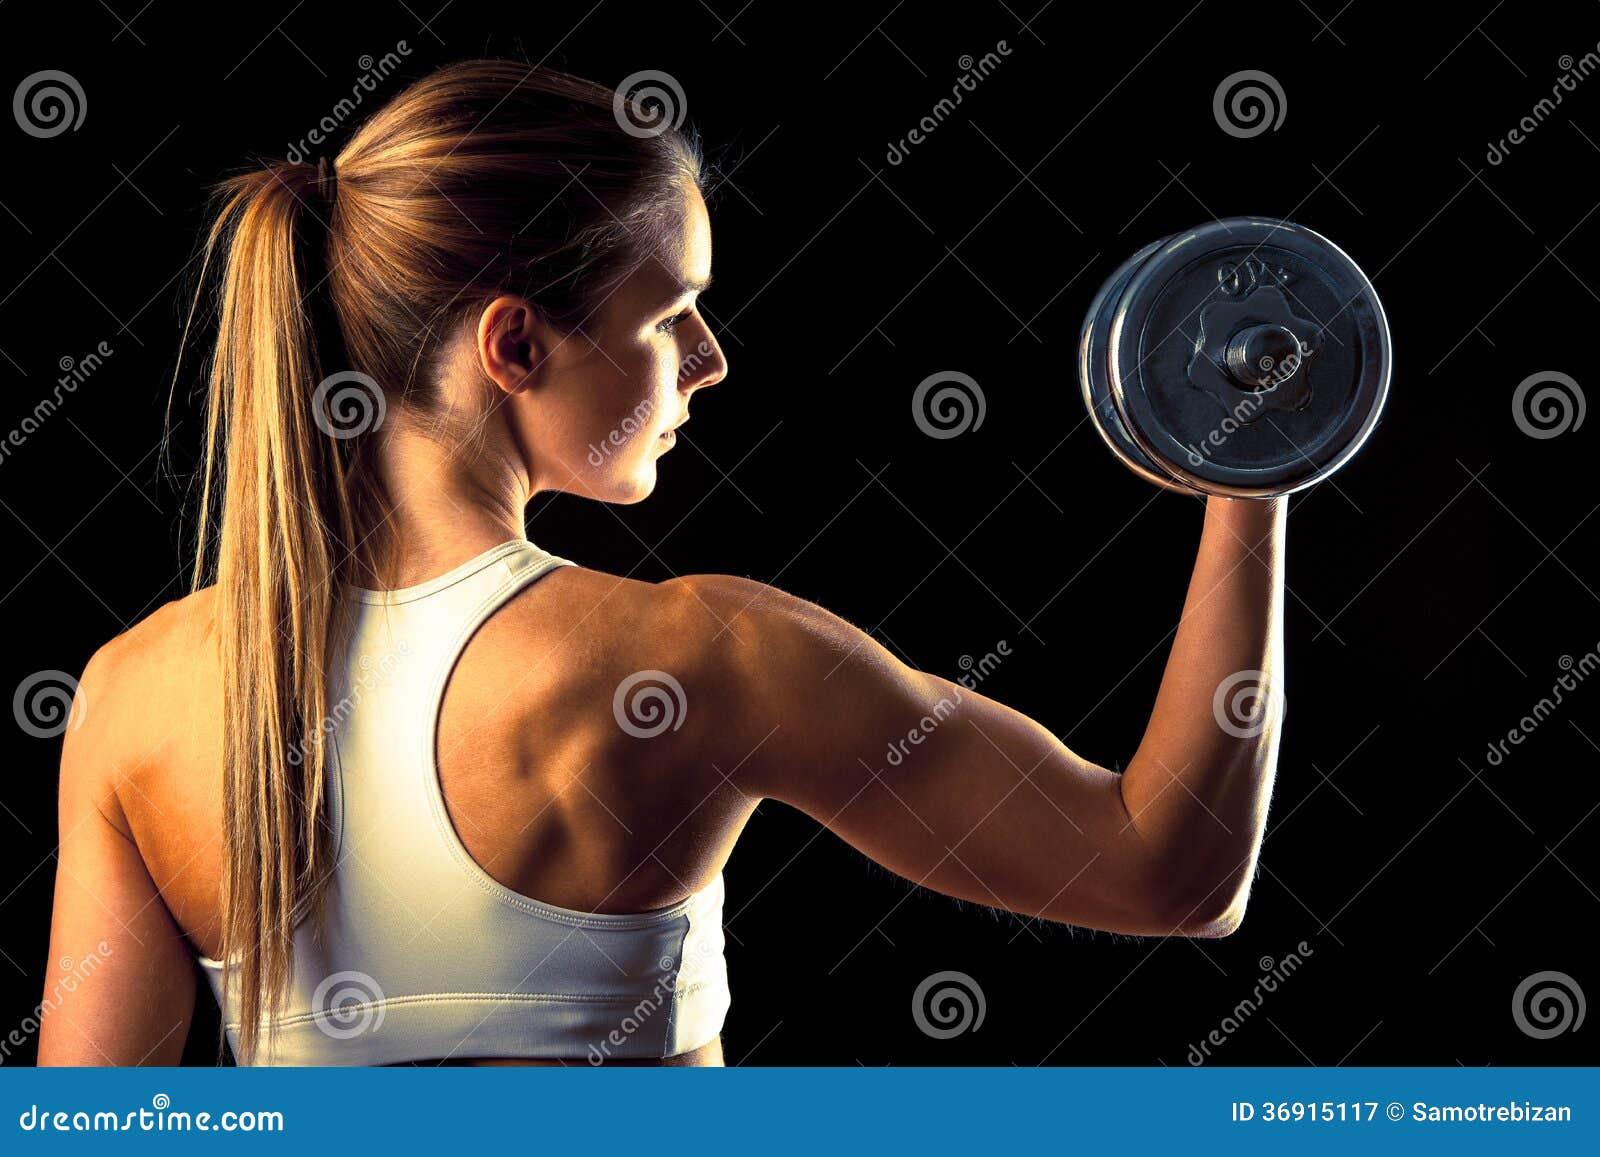 Sprawności fizycznej dziewczyna - atrakcyjna młoda kobieta pracująca z dumbbells out